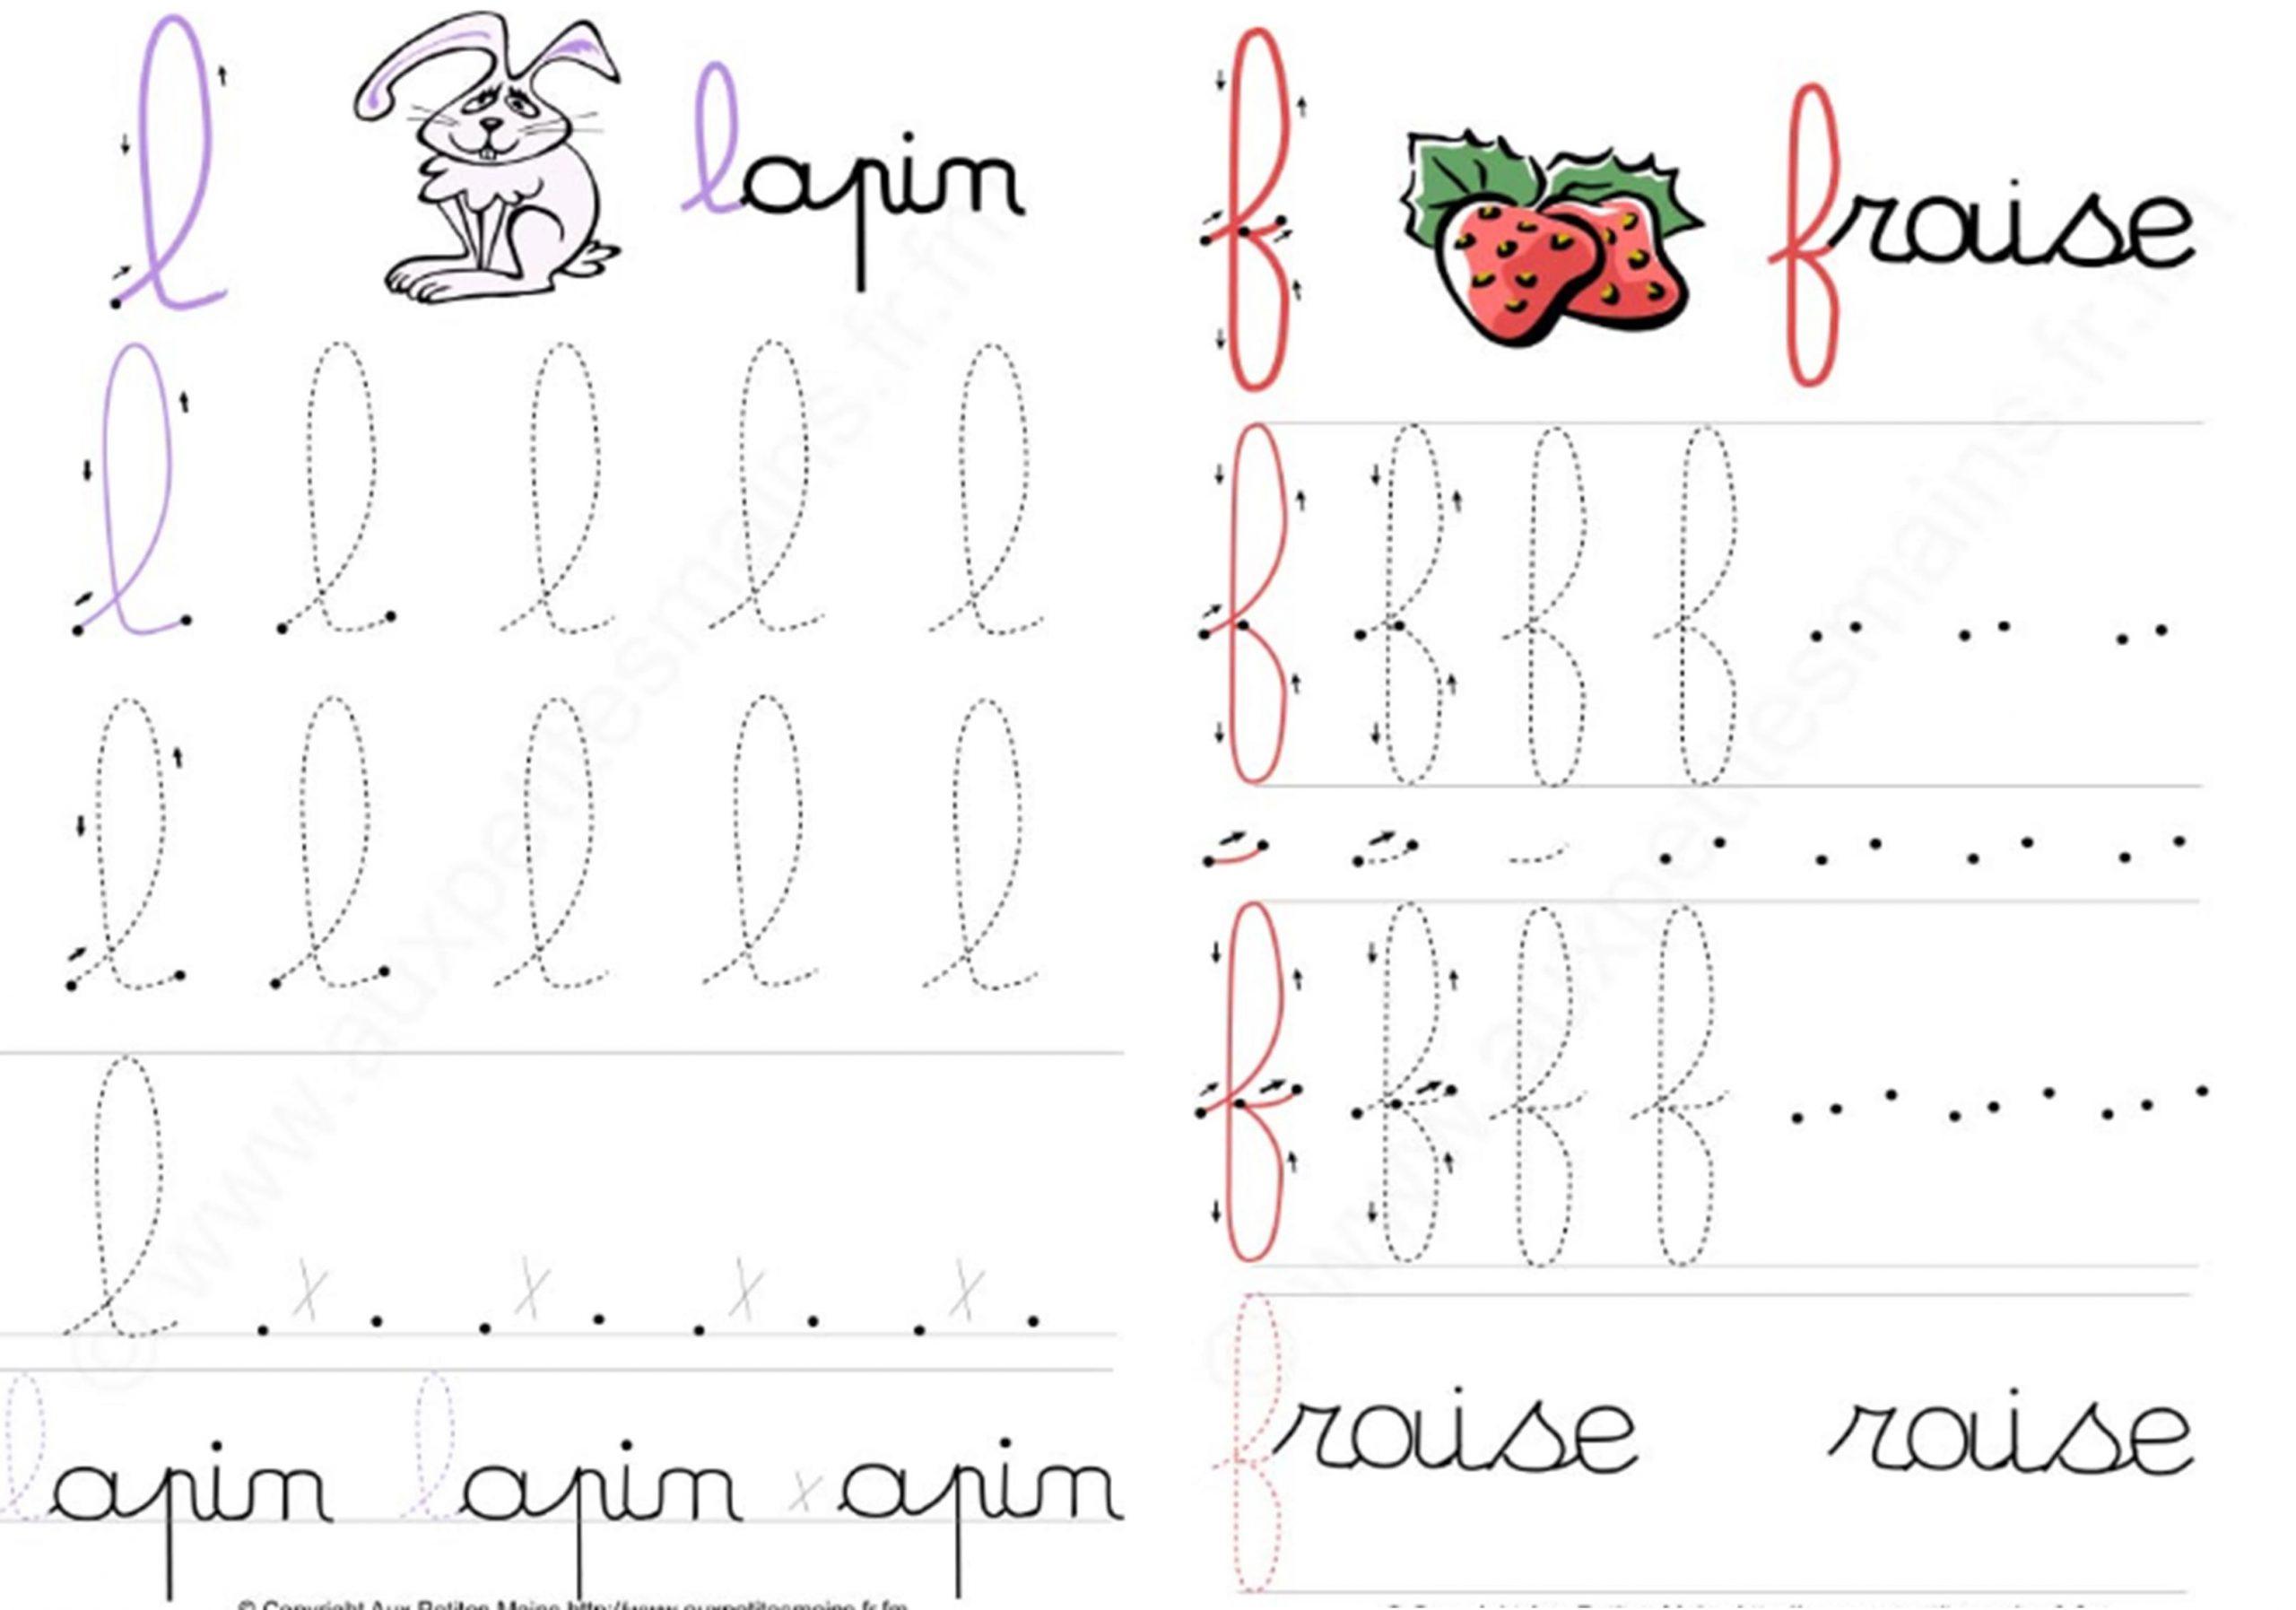 Fichier D'écriture Grande Section | Le Blog De Monsieur Mathieu tout Exercices Maternelle Grande Section En Ligne Gratuit